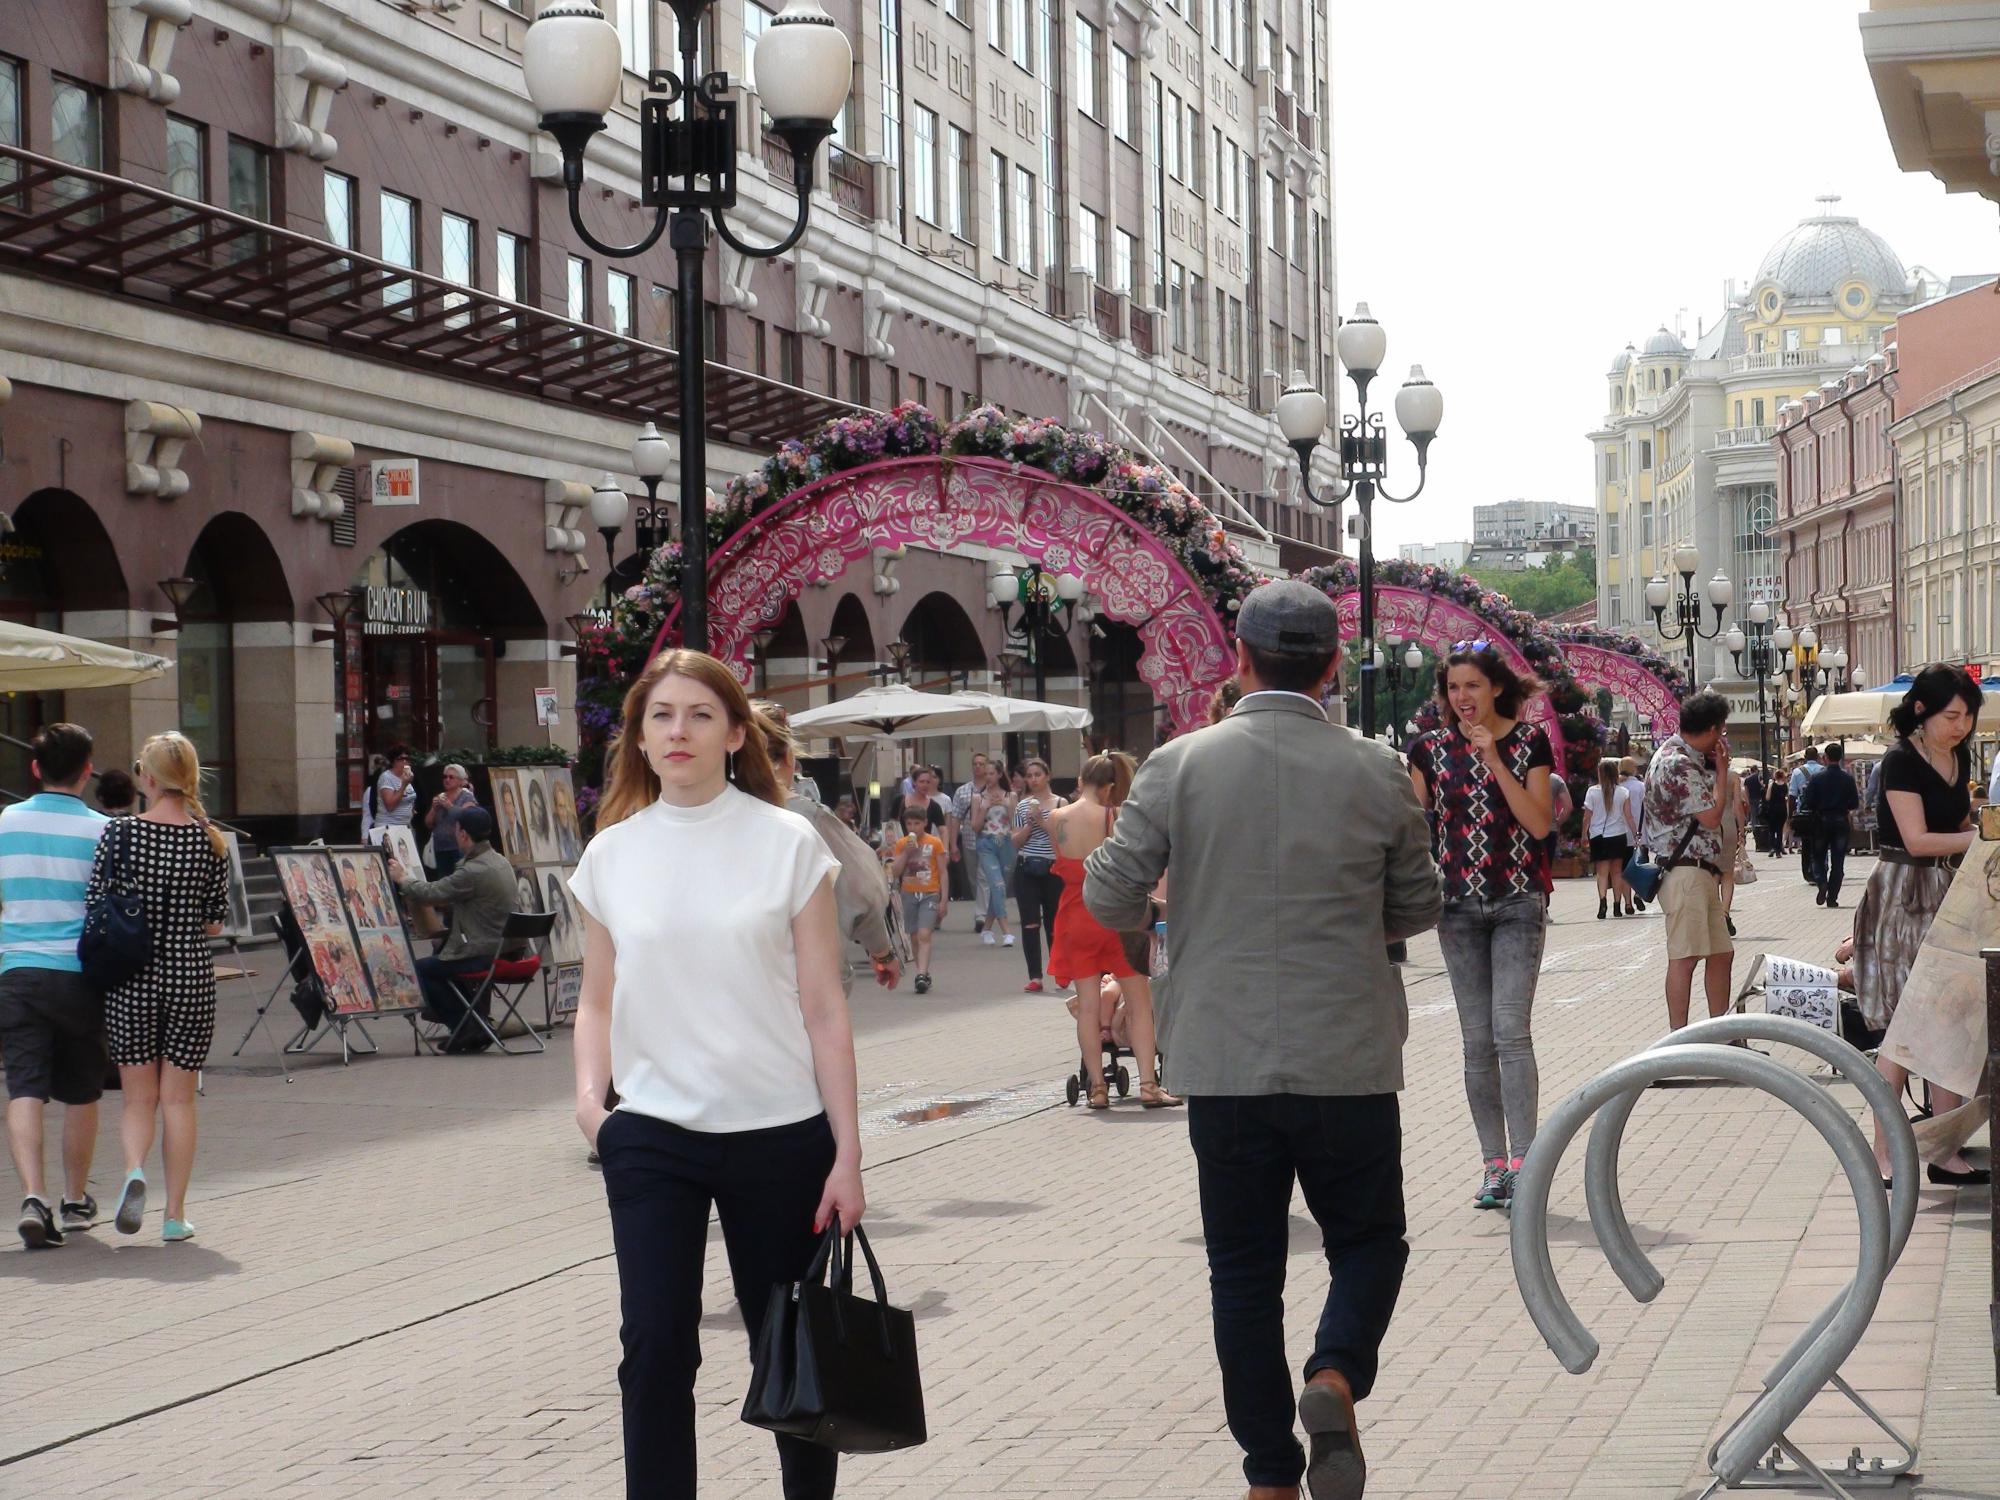 Gente paseando por la calle Arbat, la primera que se peatonalizó en Moscú. Foto: Daria Shuváeva